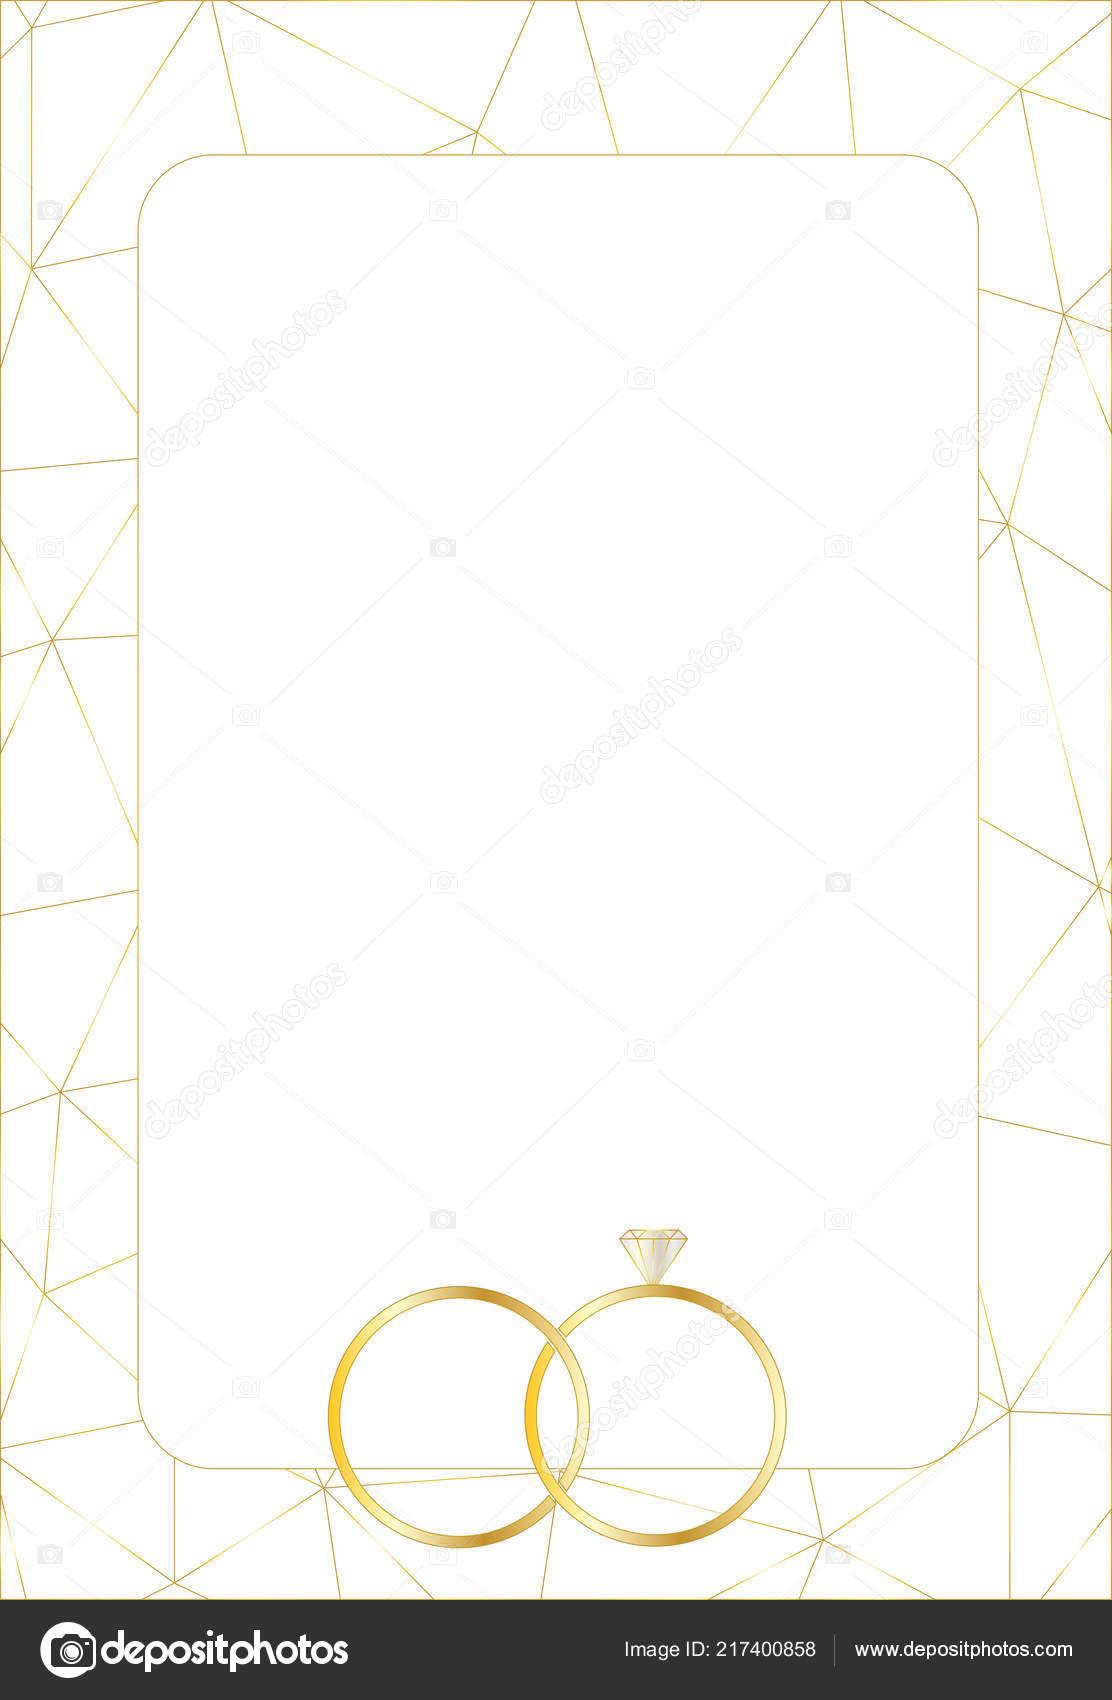 Design Layout Vorlagen Fur Hochzeitskarten Mit Ringe Vektor Eps